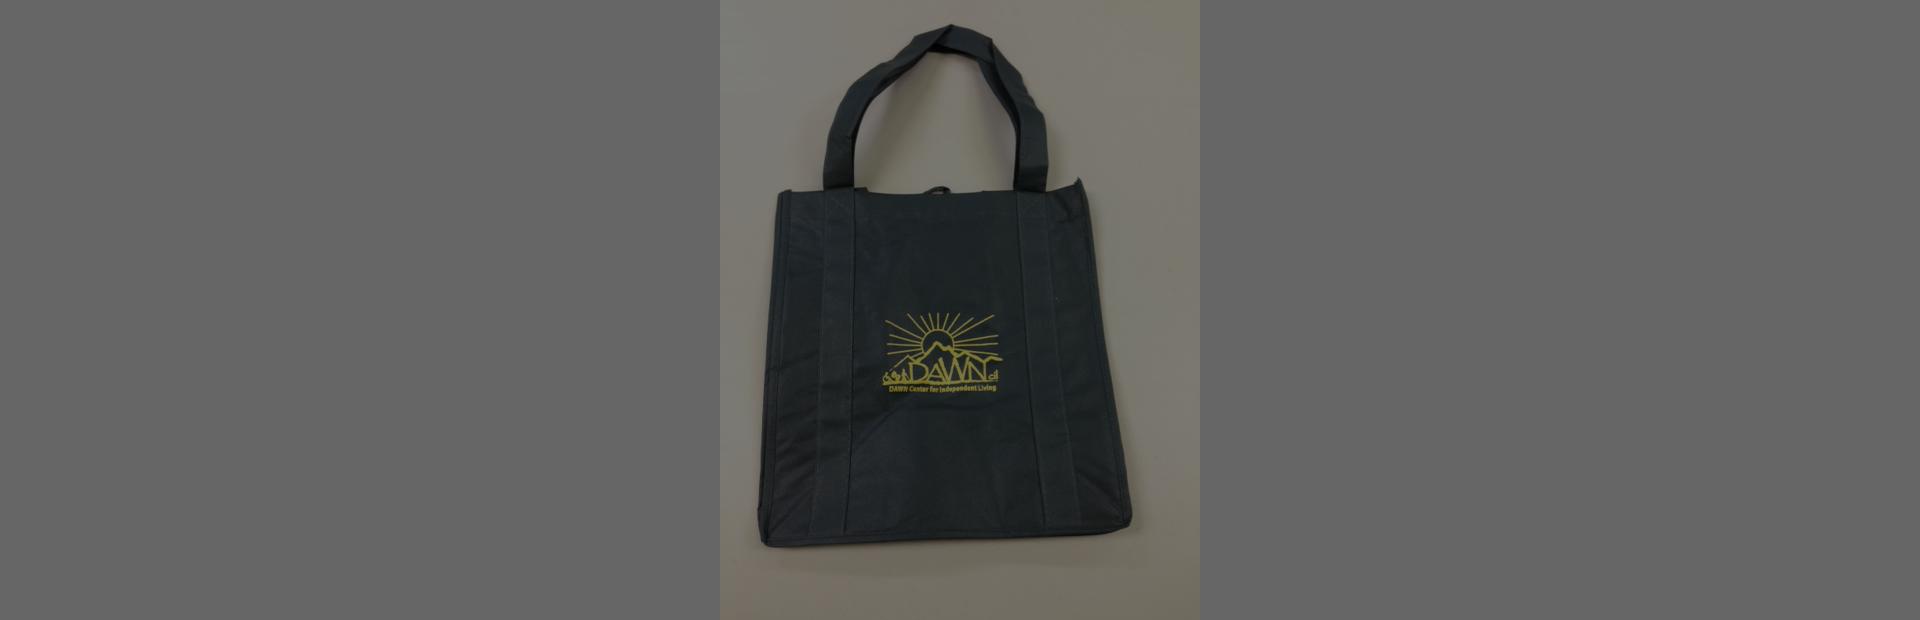 DAWN Shopping Bags